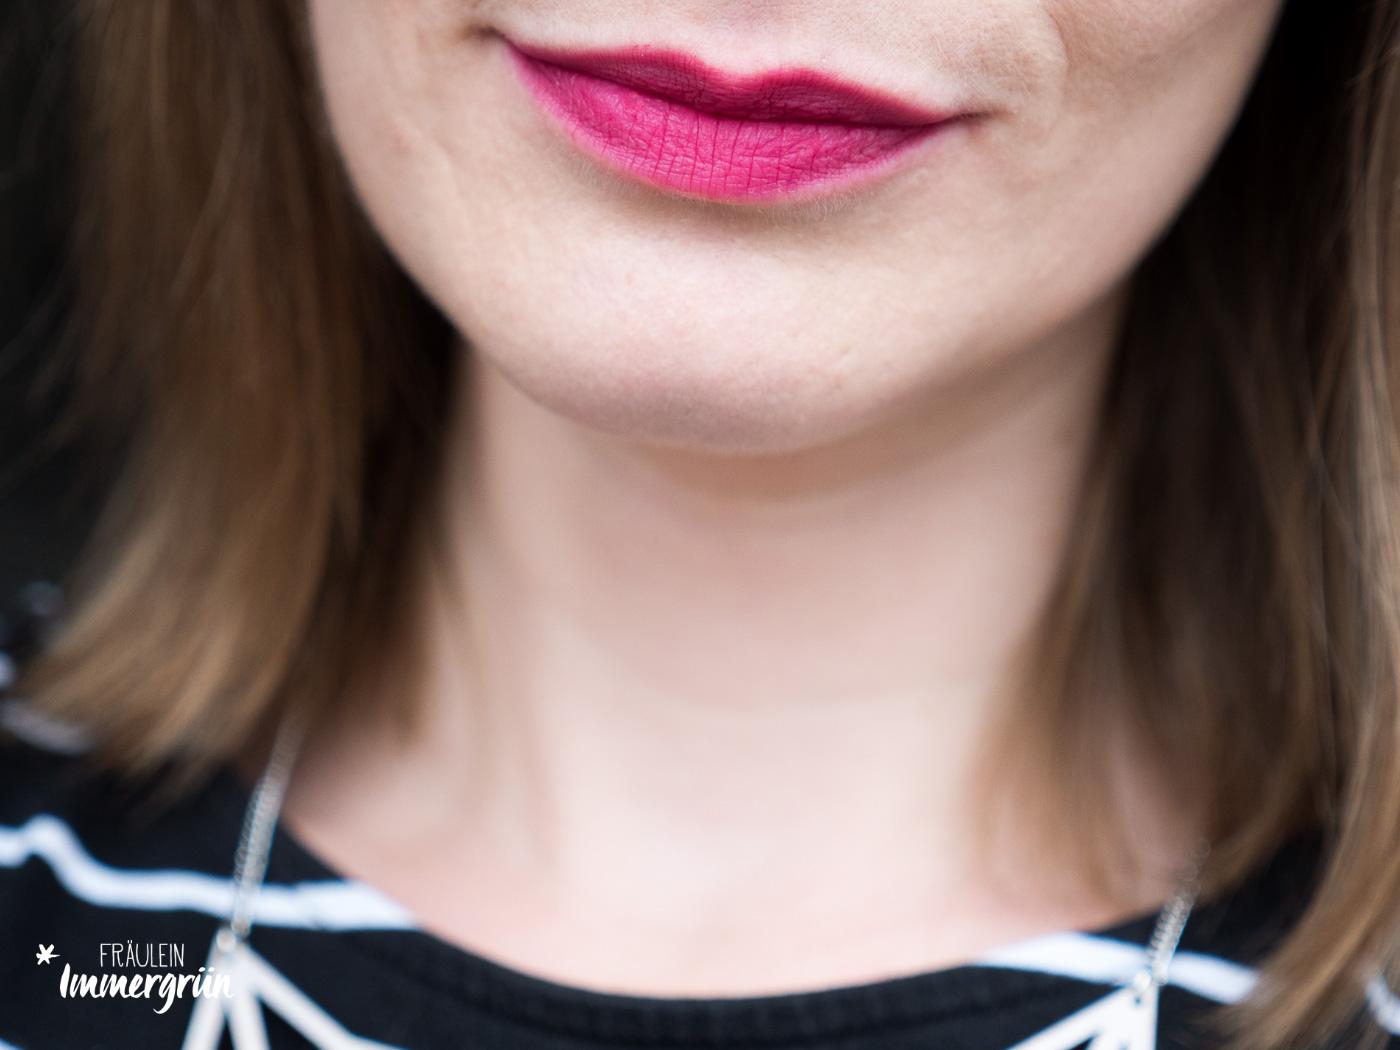 100 Percent Pure natuerlicher Lippenstift: Swatches und Farbübersicht von Cocoa Butter Semi-Matte Lipstick Marrakesh, Pomegranate Oil Anti Aging Lipstick Narcissus und Cocoa Butter Semi-Matte Lipstick Marrakesh Currant. Vegane Naturkosmetik mit Furchtpigmenten.